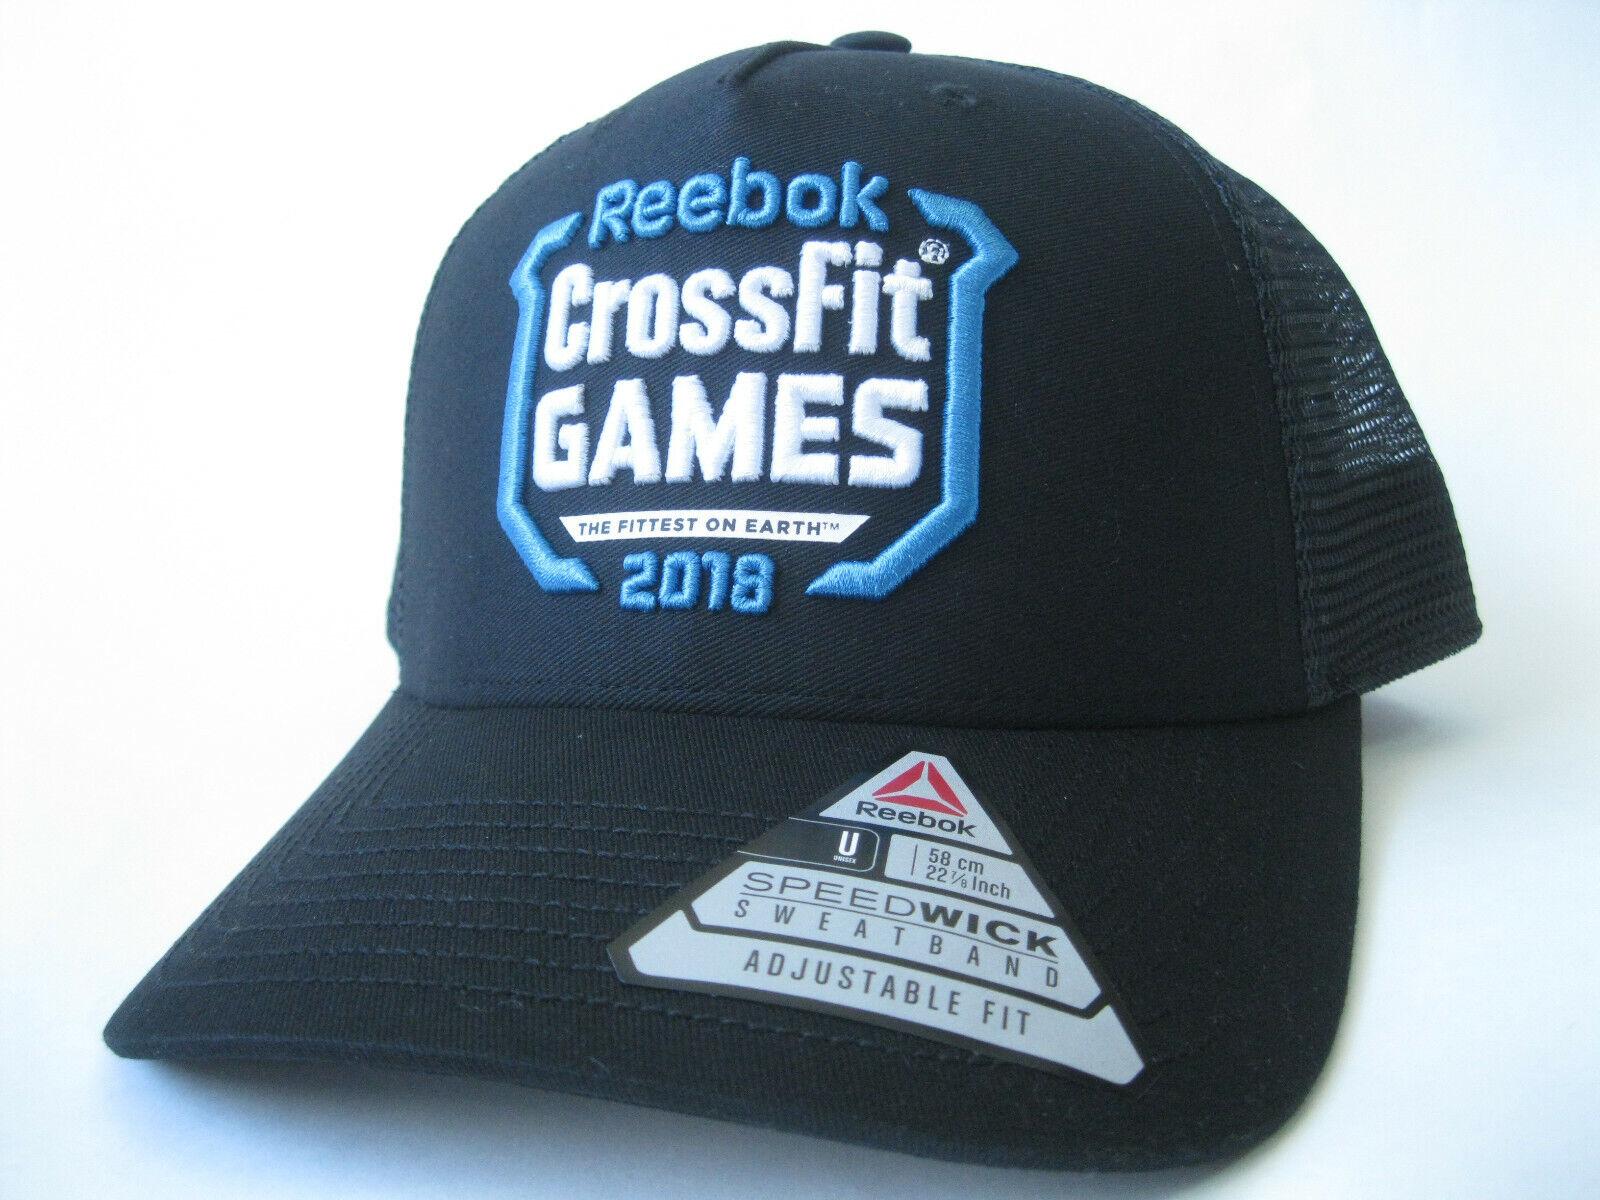 Dialecto Proponer submarino  Reebok CrossFit Games 2018 Trucker Hat Black Cap DN1518 | eBay